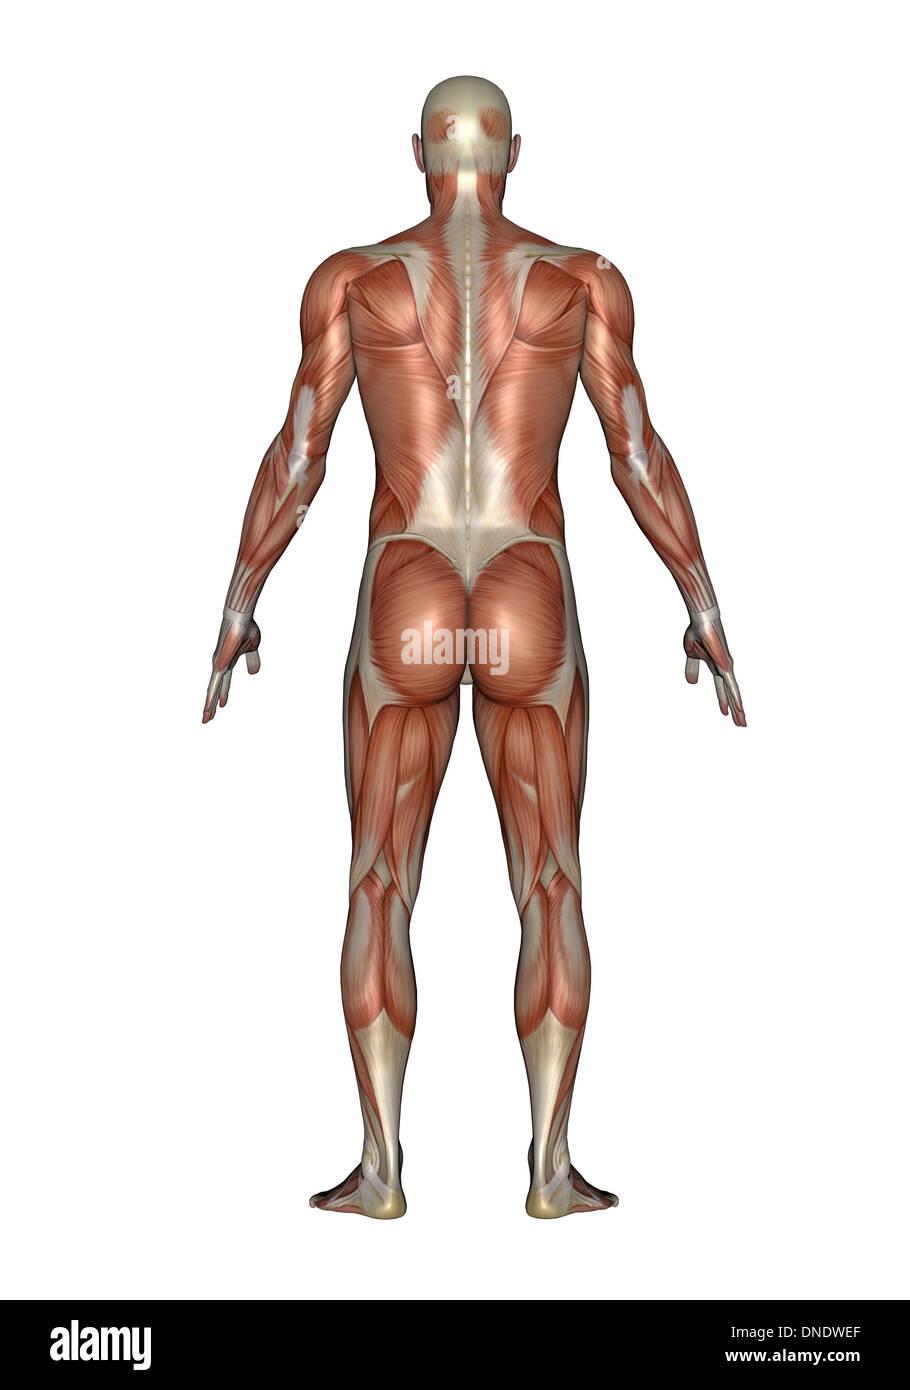 Ungewöhnlich Körpermuskulatur Diagramm Ideen - Menschliche Anatomie ...